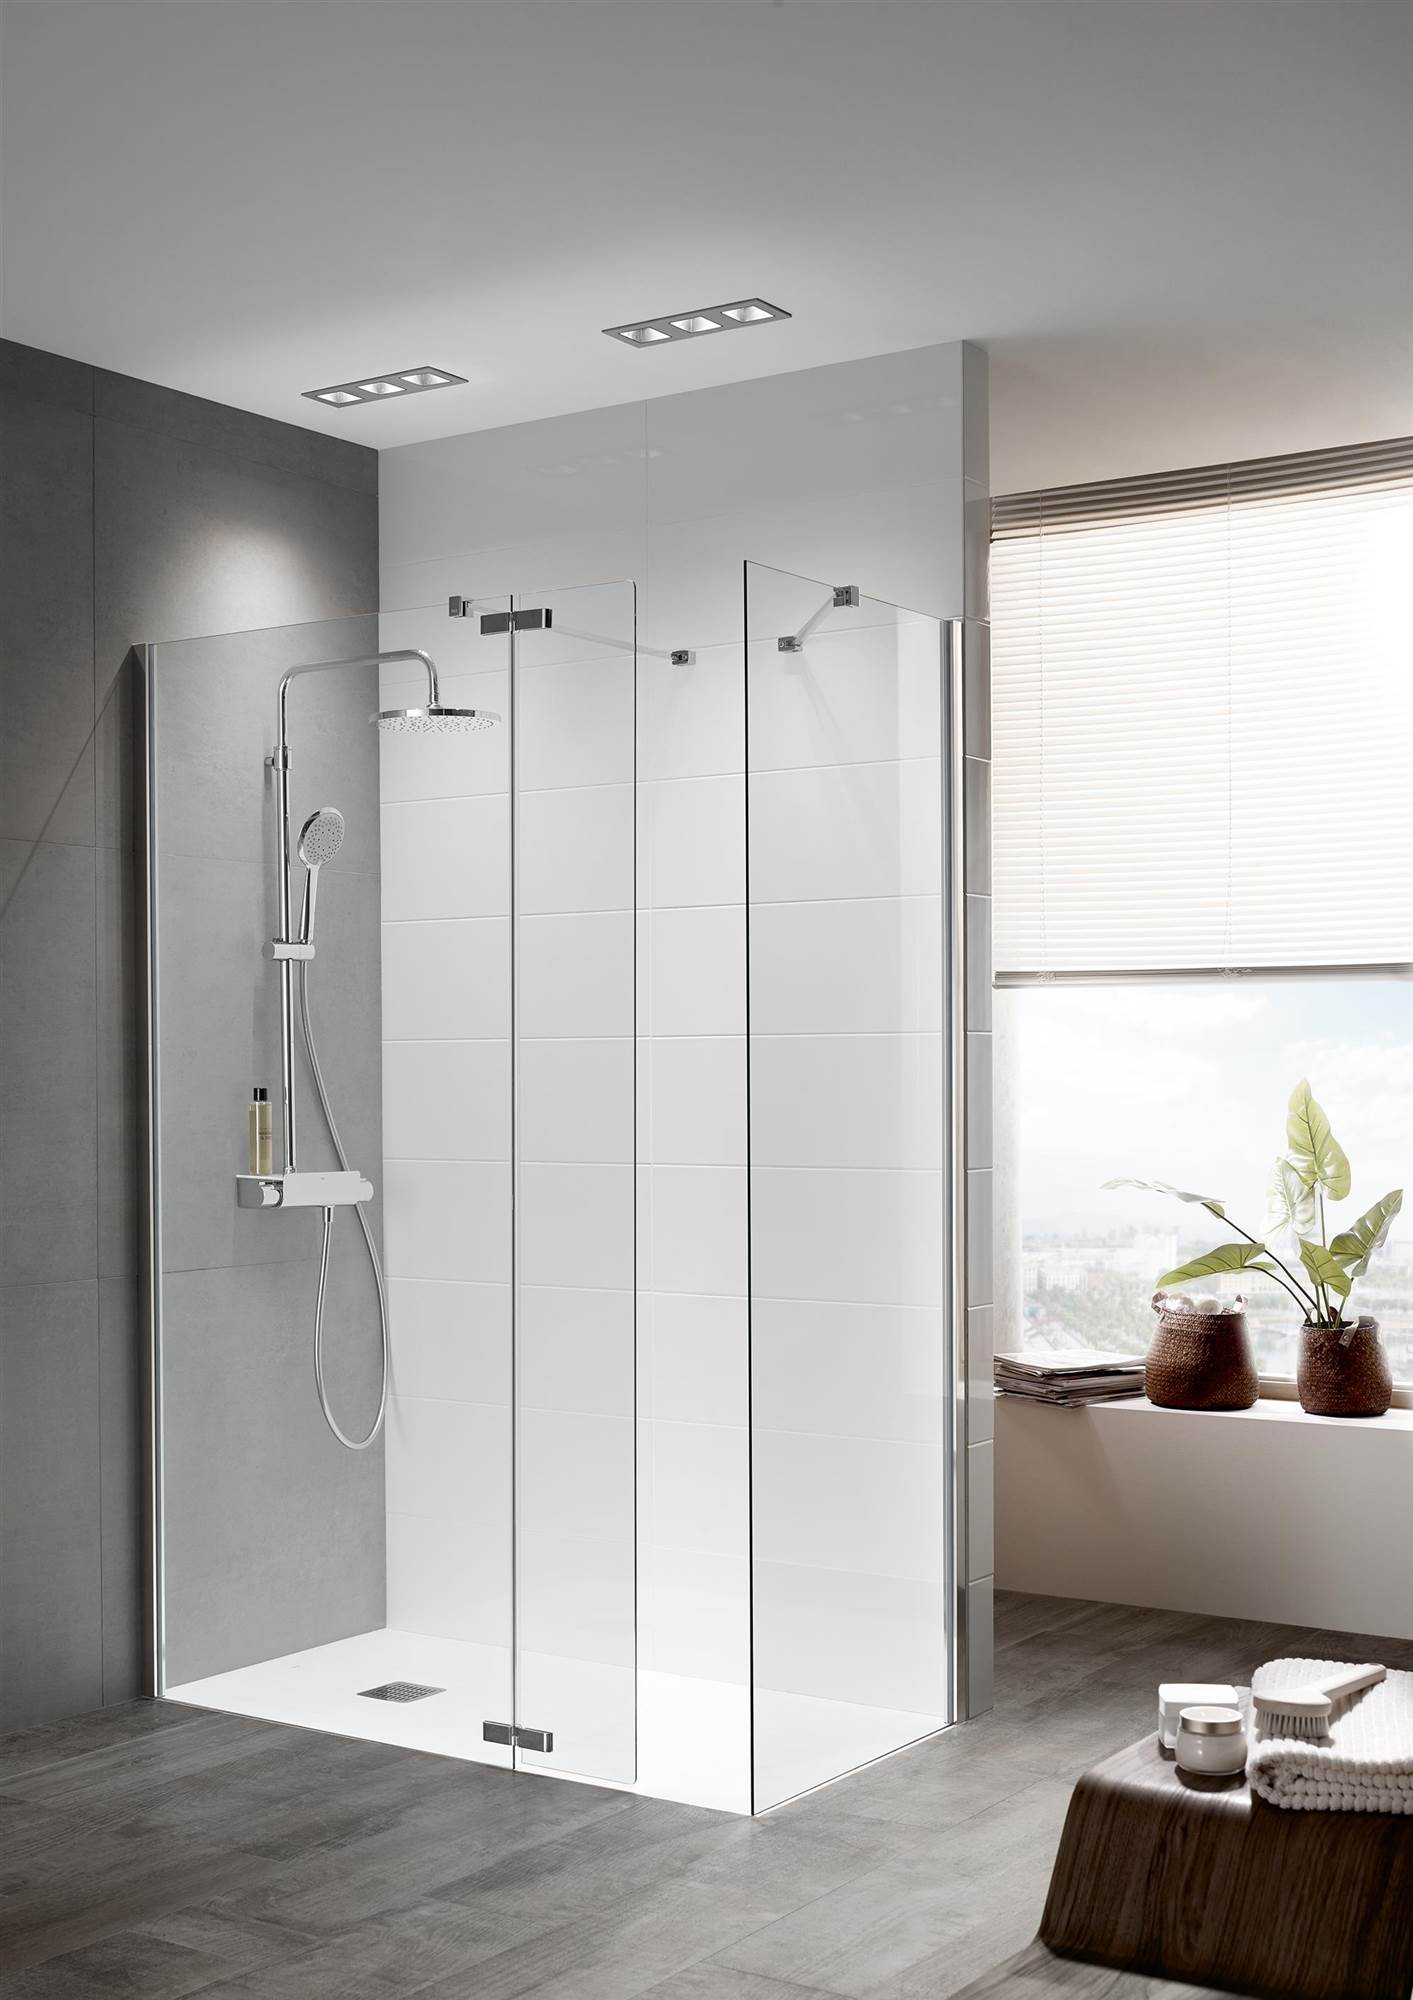 Claves para elegir la mampara de ducha - Mamparas de bano online ...